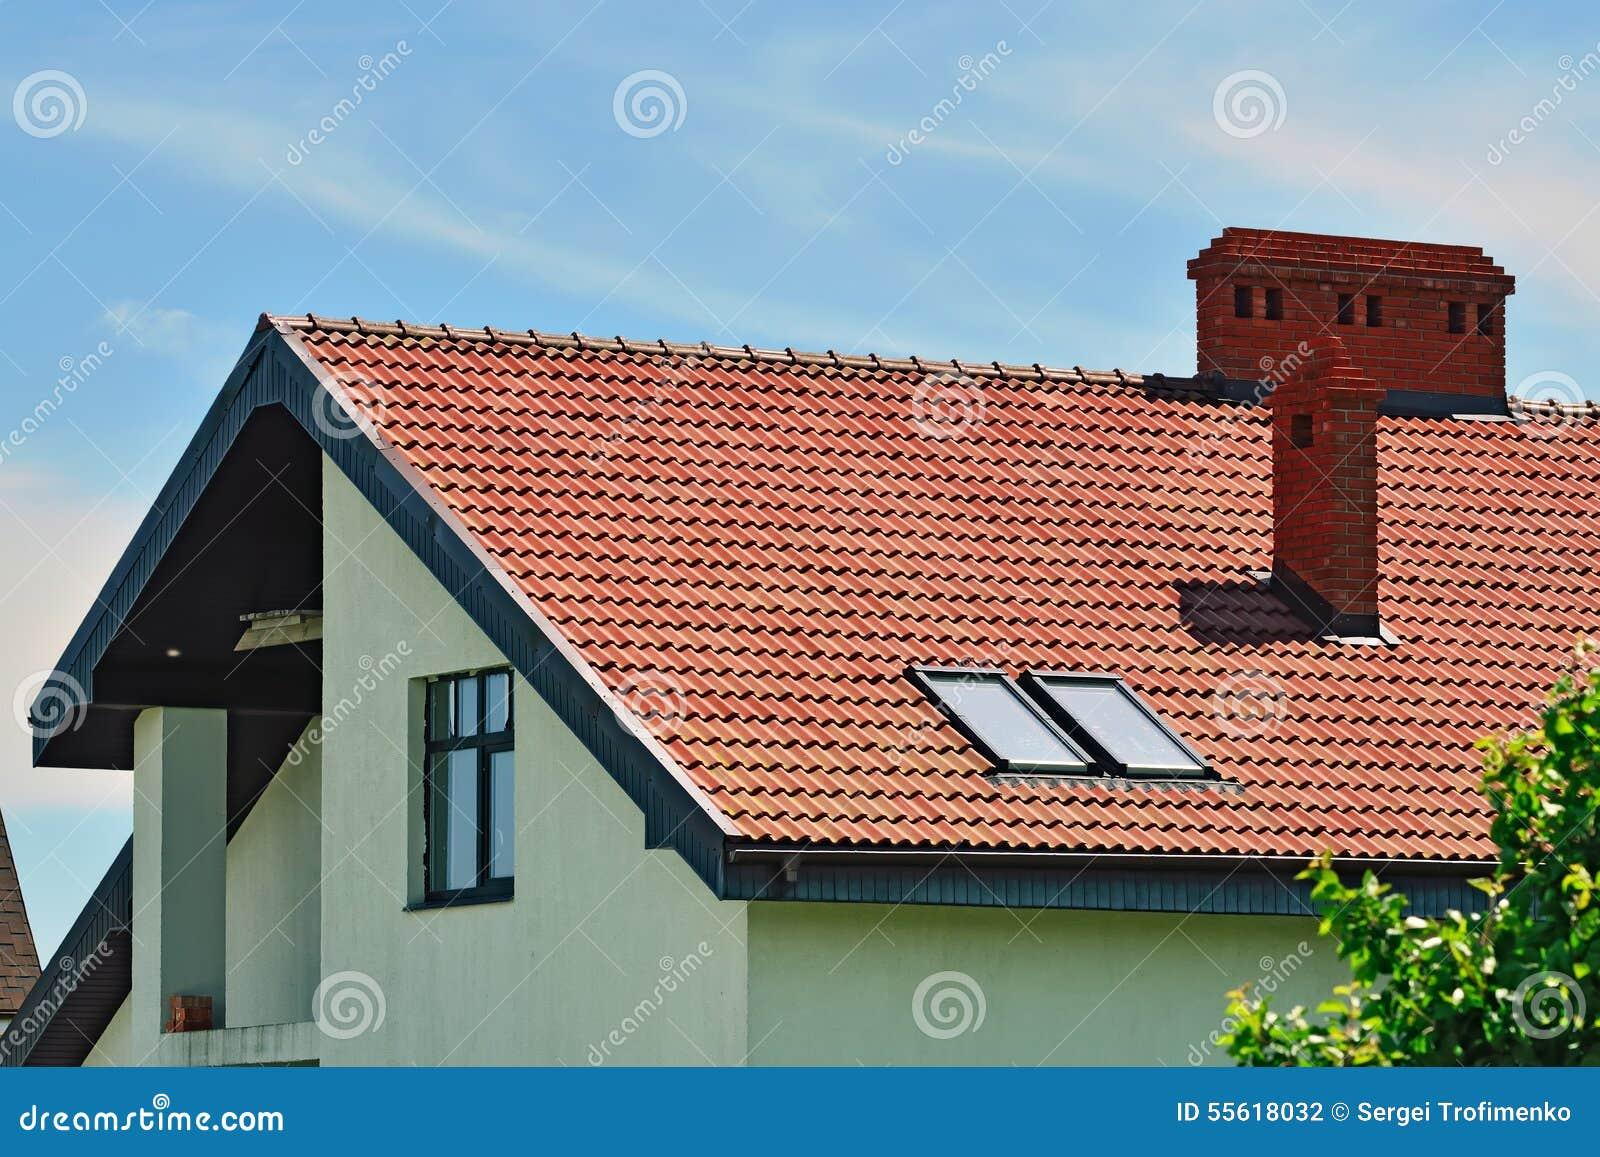 toit de la maison avec le grenier photo stock image du. Black Bedroom Furniture Sets. Home Design Ideas